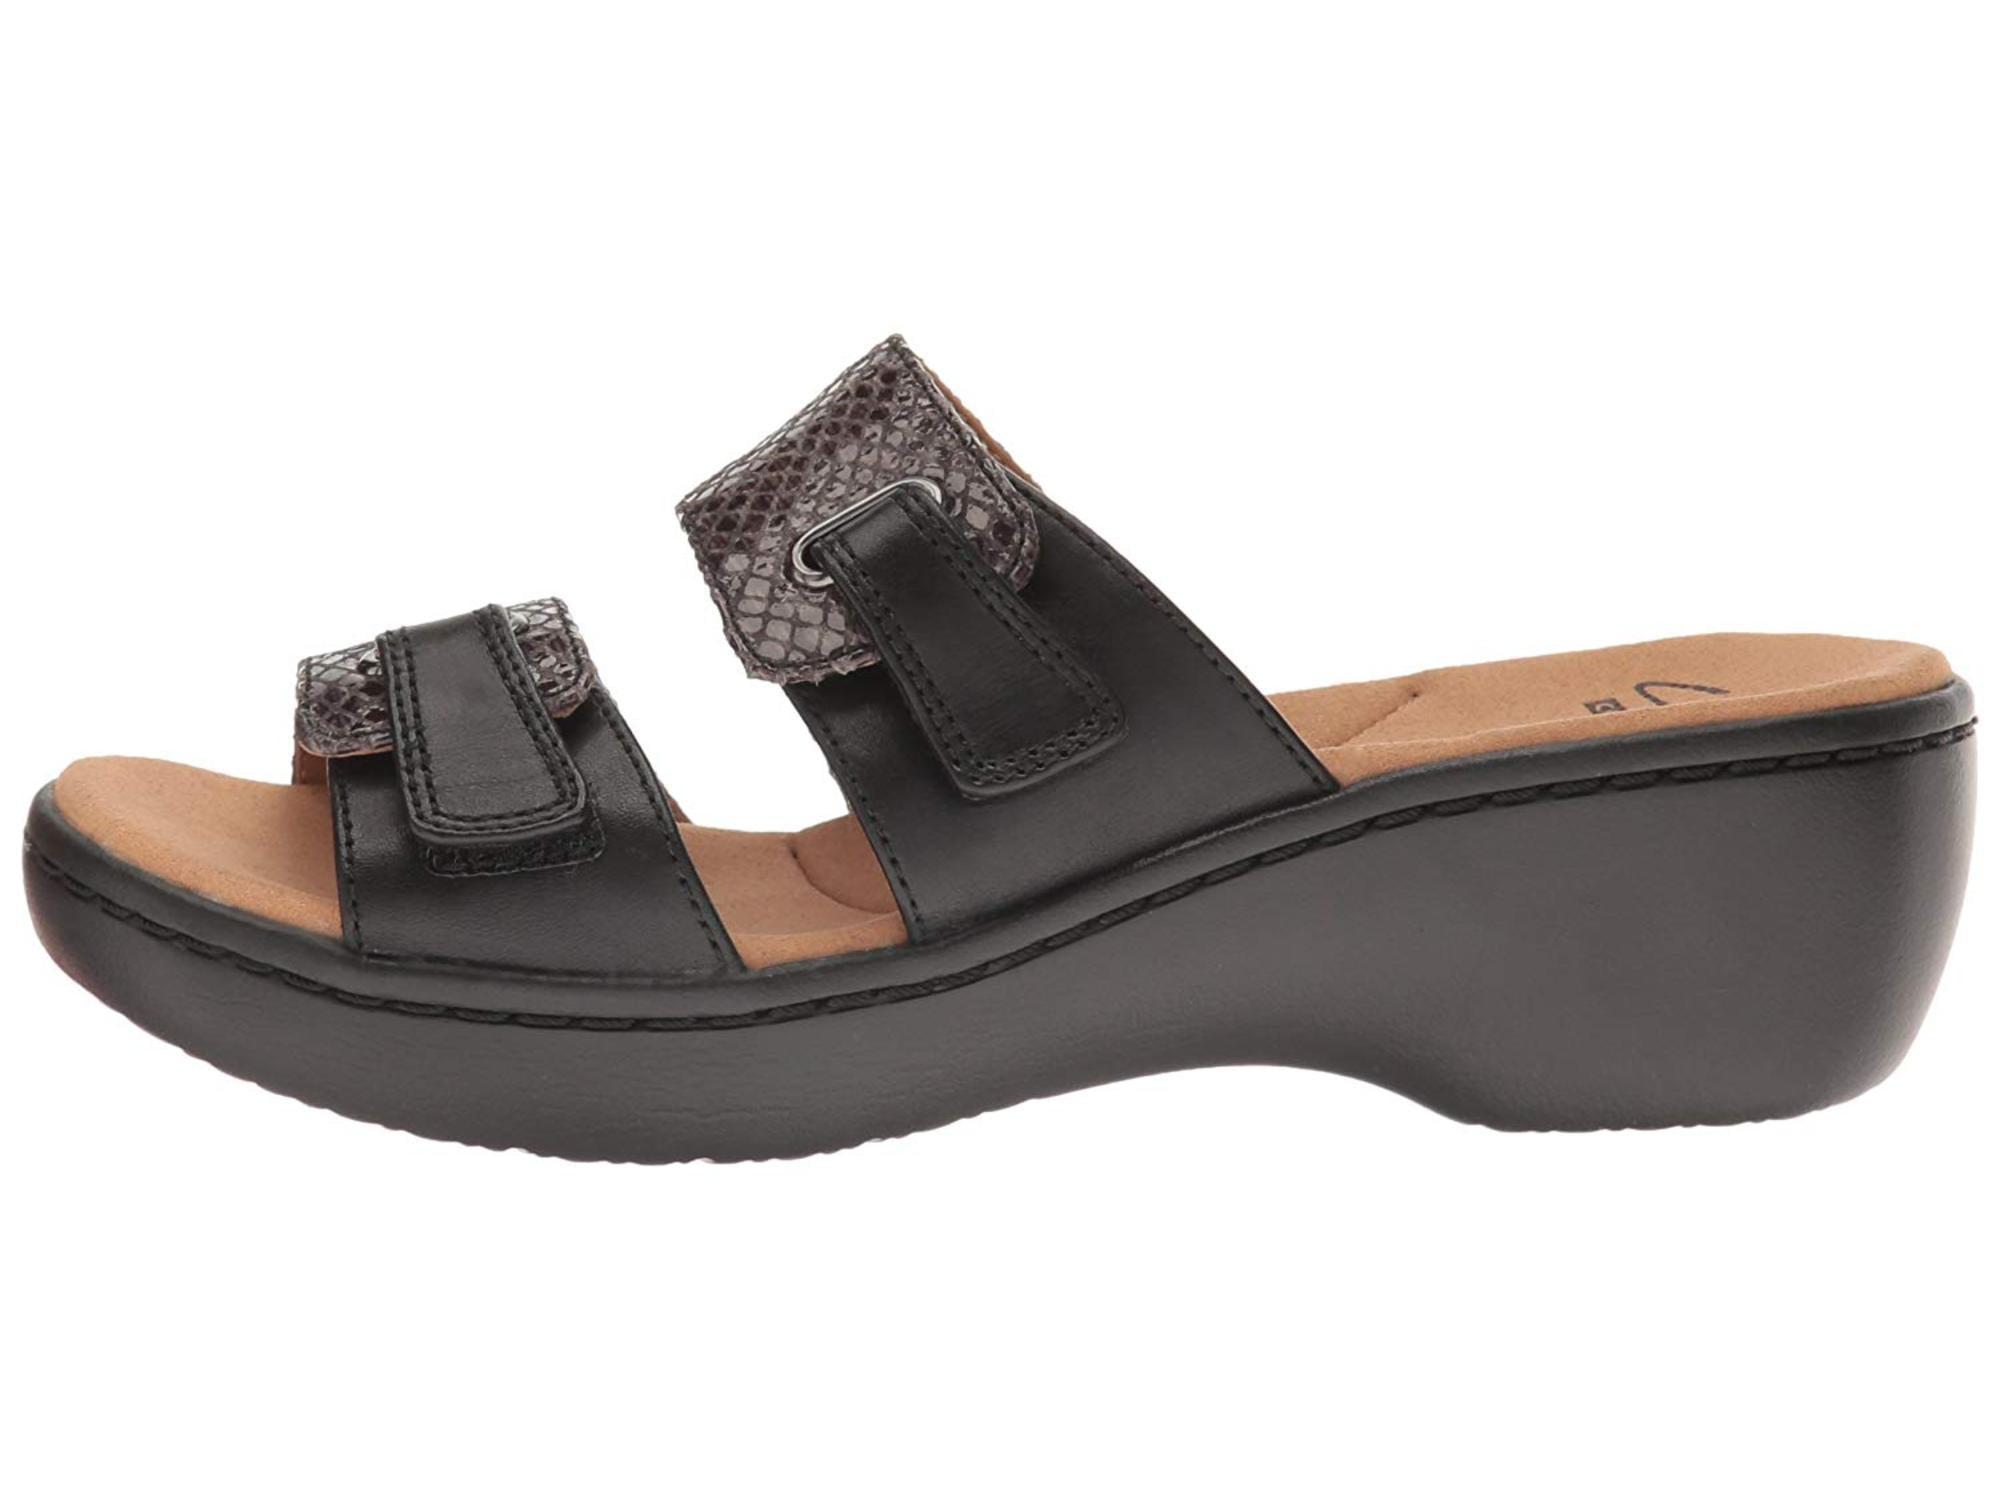 fe08d08cebfe Clarks Womens Delana Fenela Leather Open Toe Casual Slide